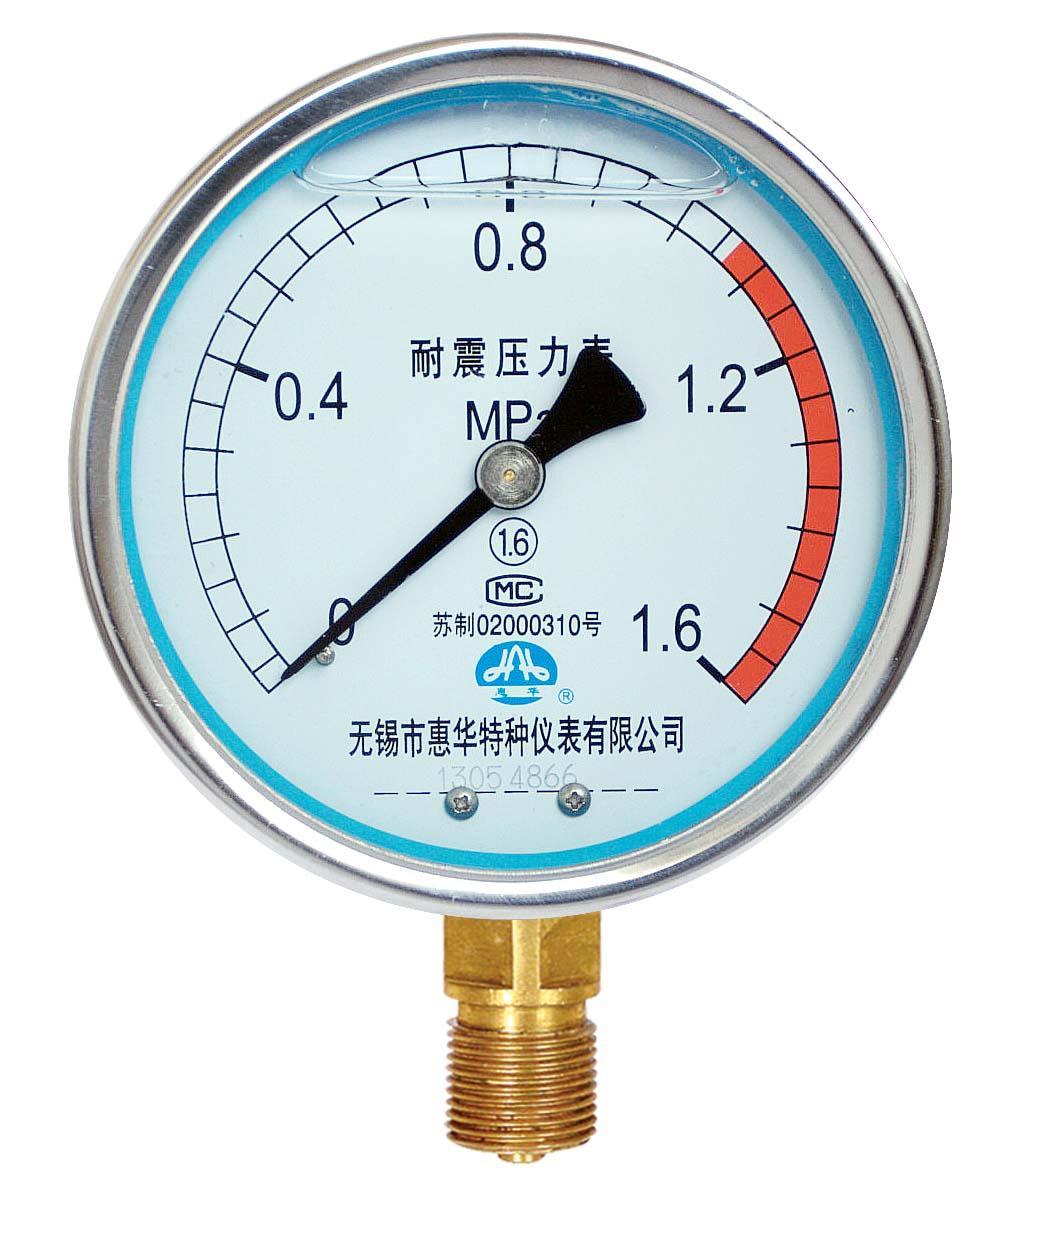 耐震壓力表 抗震壓力表 防震壓力表 充油壓力表 1